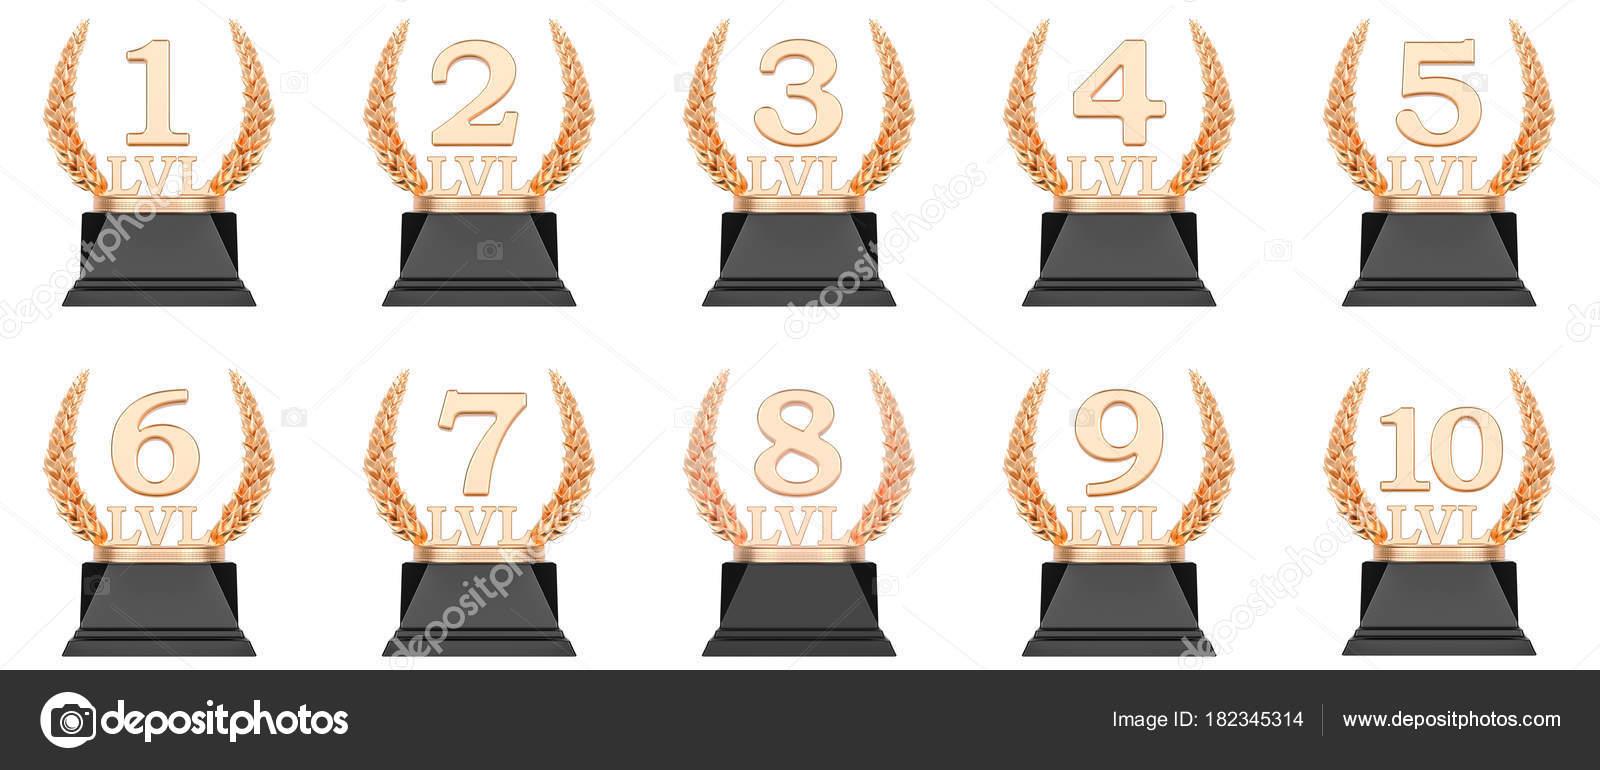 Nivel Do Trofeu De Ouro Xicaras De Primeiro Segundo